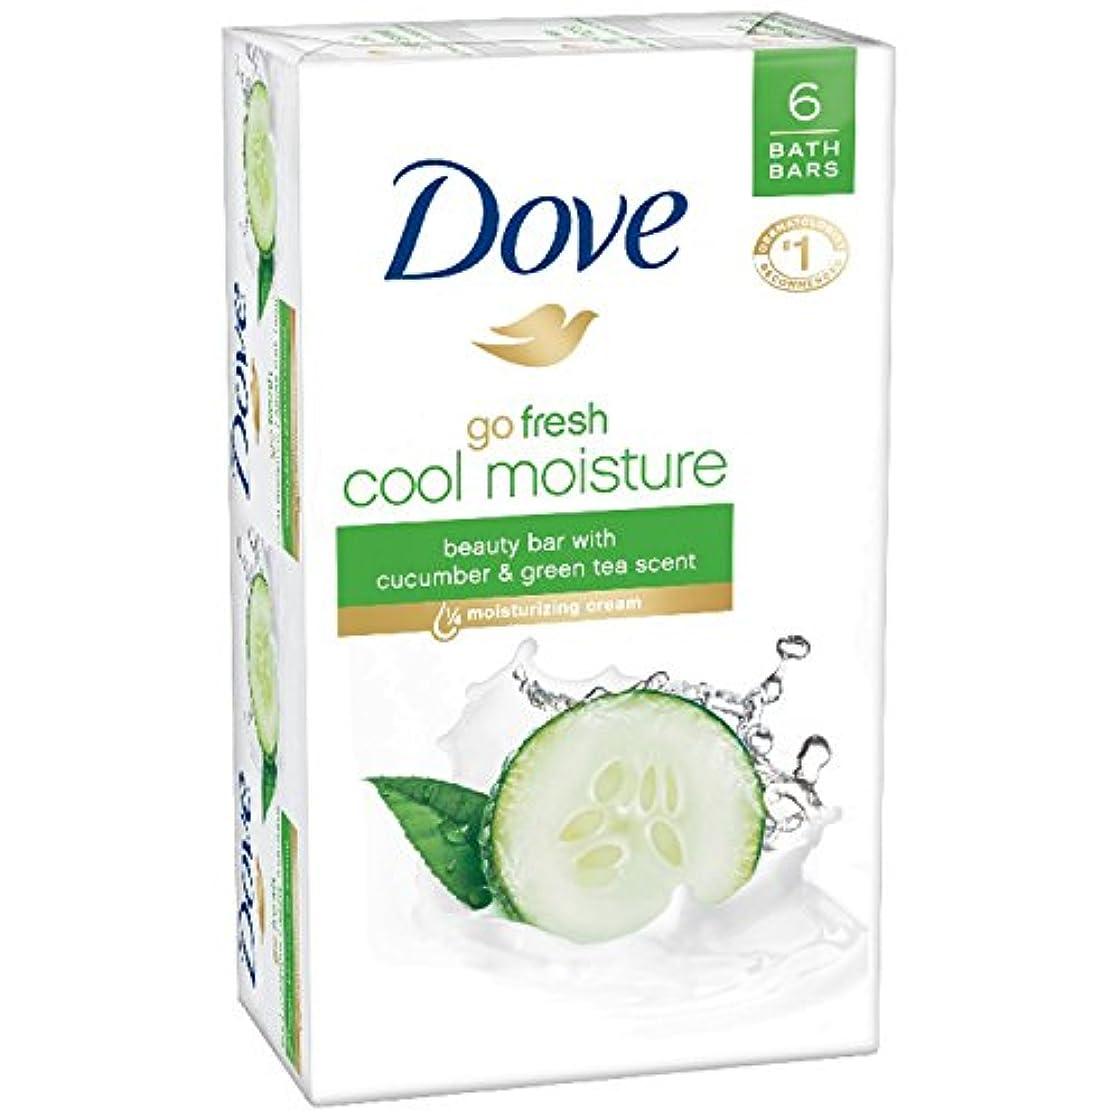 解決するプレート独創的Dove 新鮮な美しさバー、キュウリ、緑茶4オンス、6バーを移動します